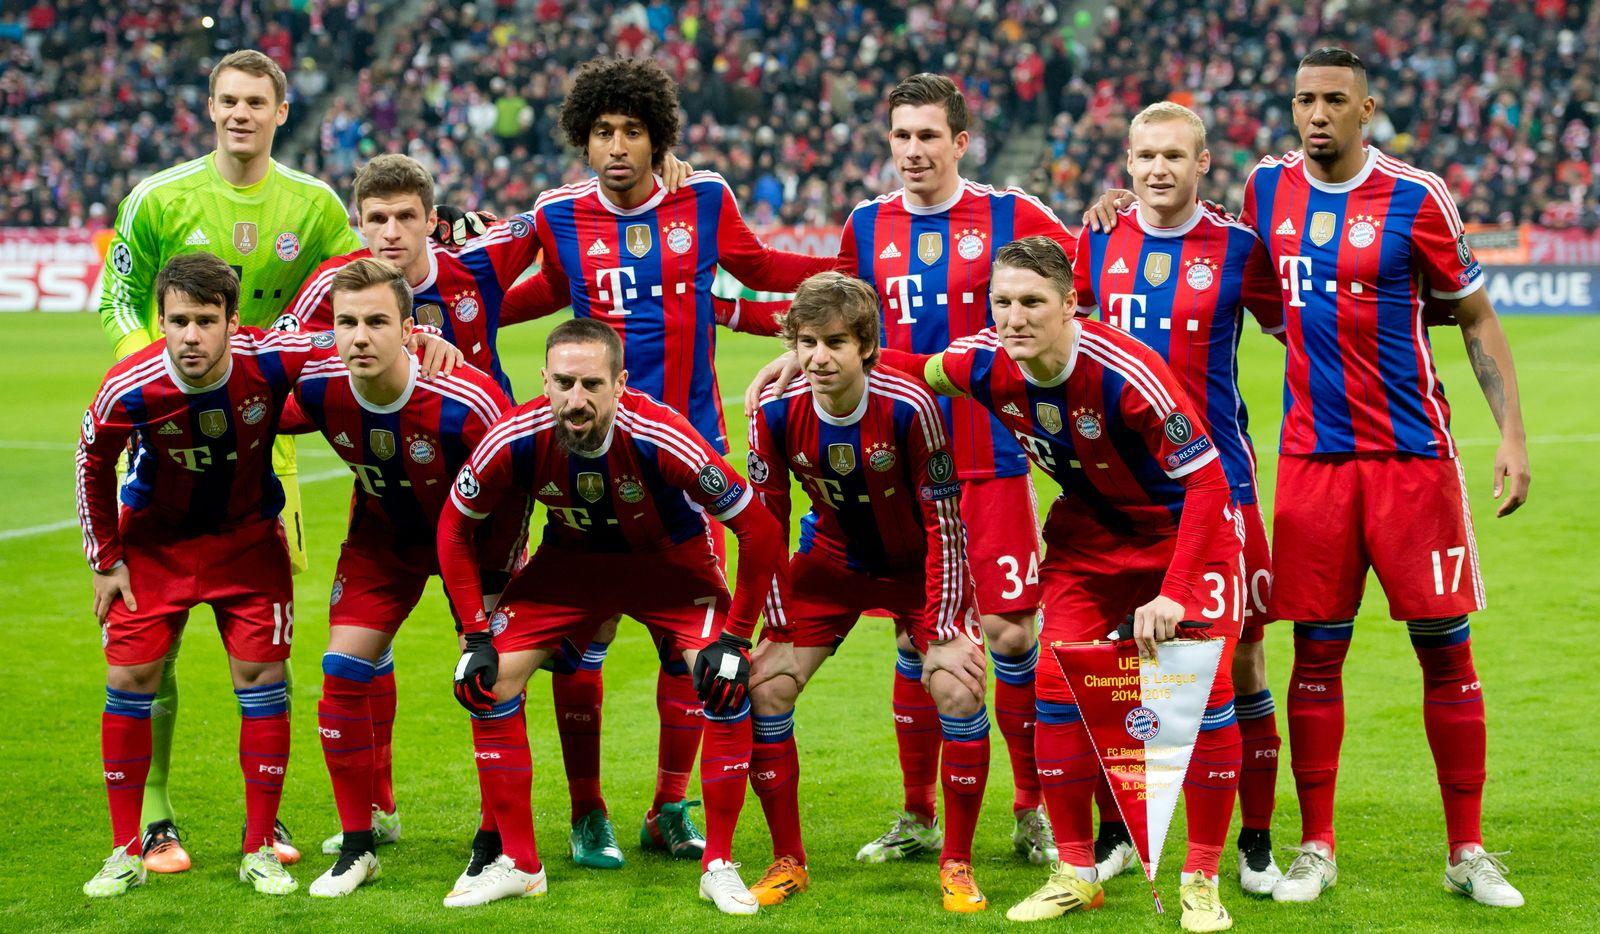 Bayern München - ZSKA Moskau